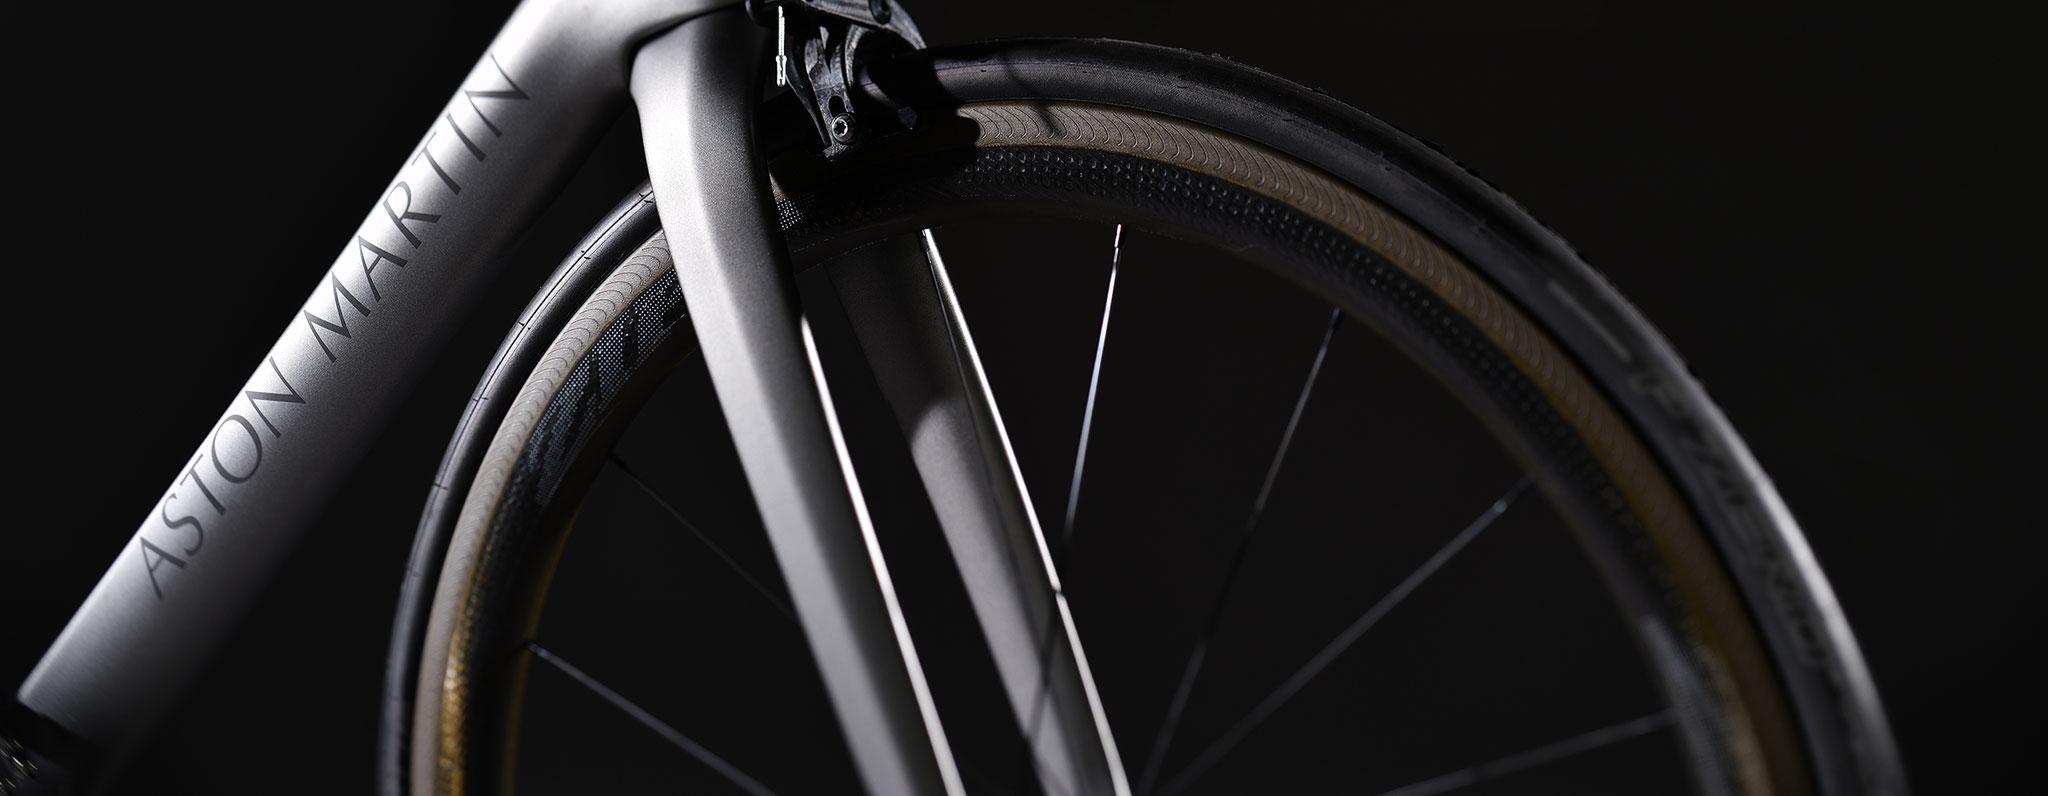 Storck Bicycle und Aston Martin stellen gemeinsames Bikeprojekt vor